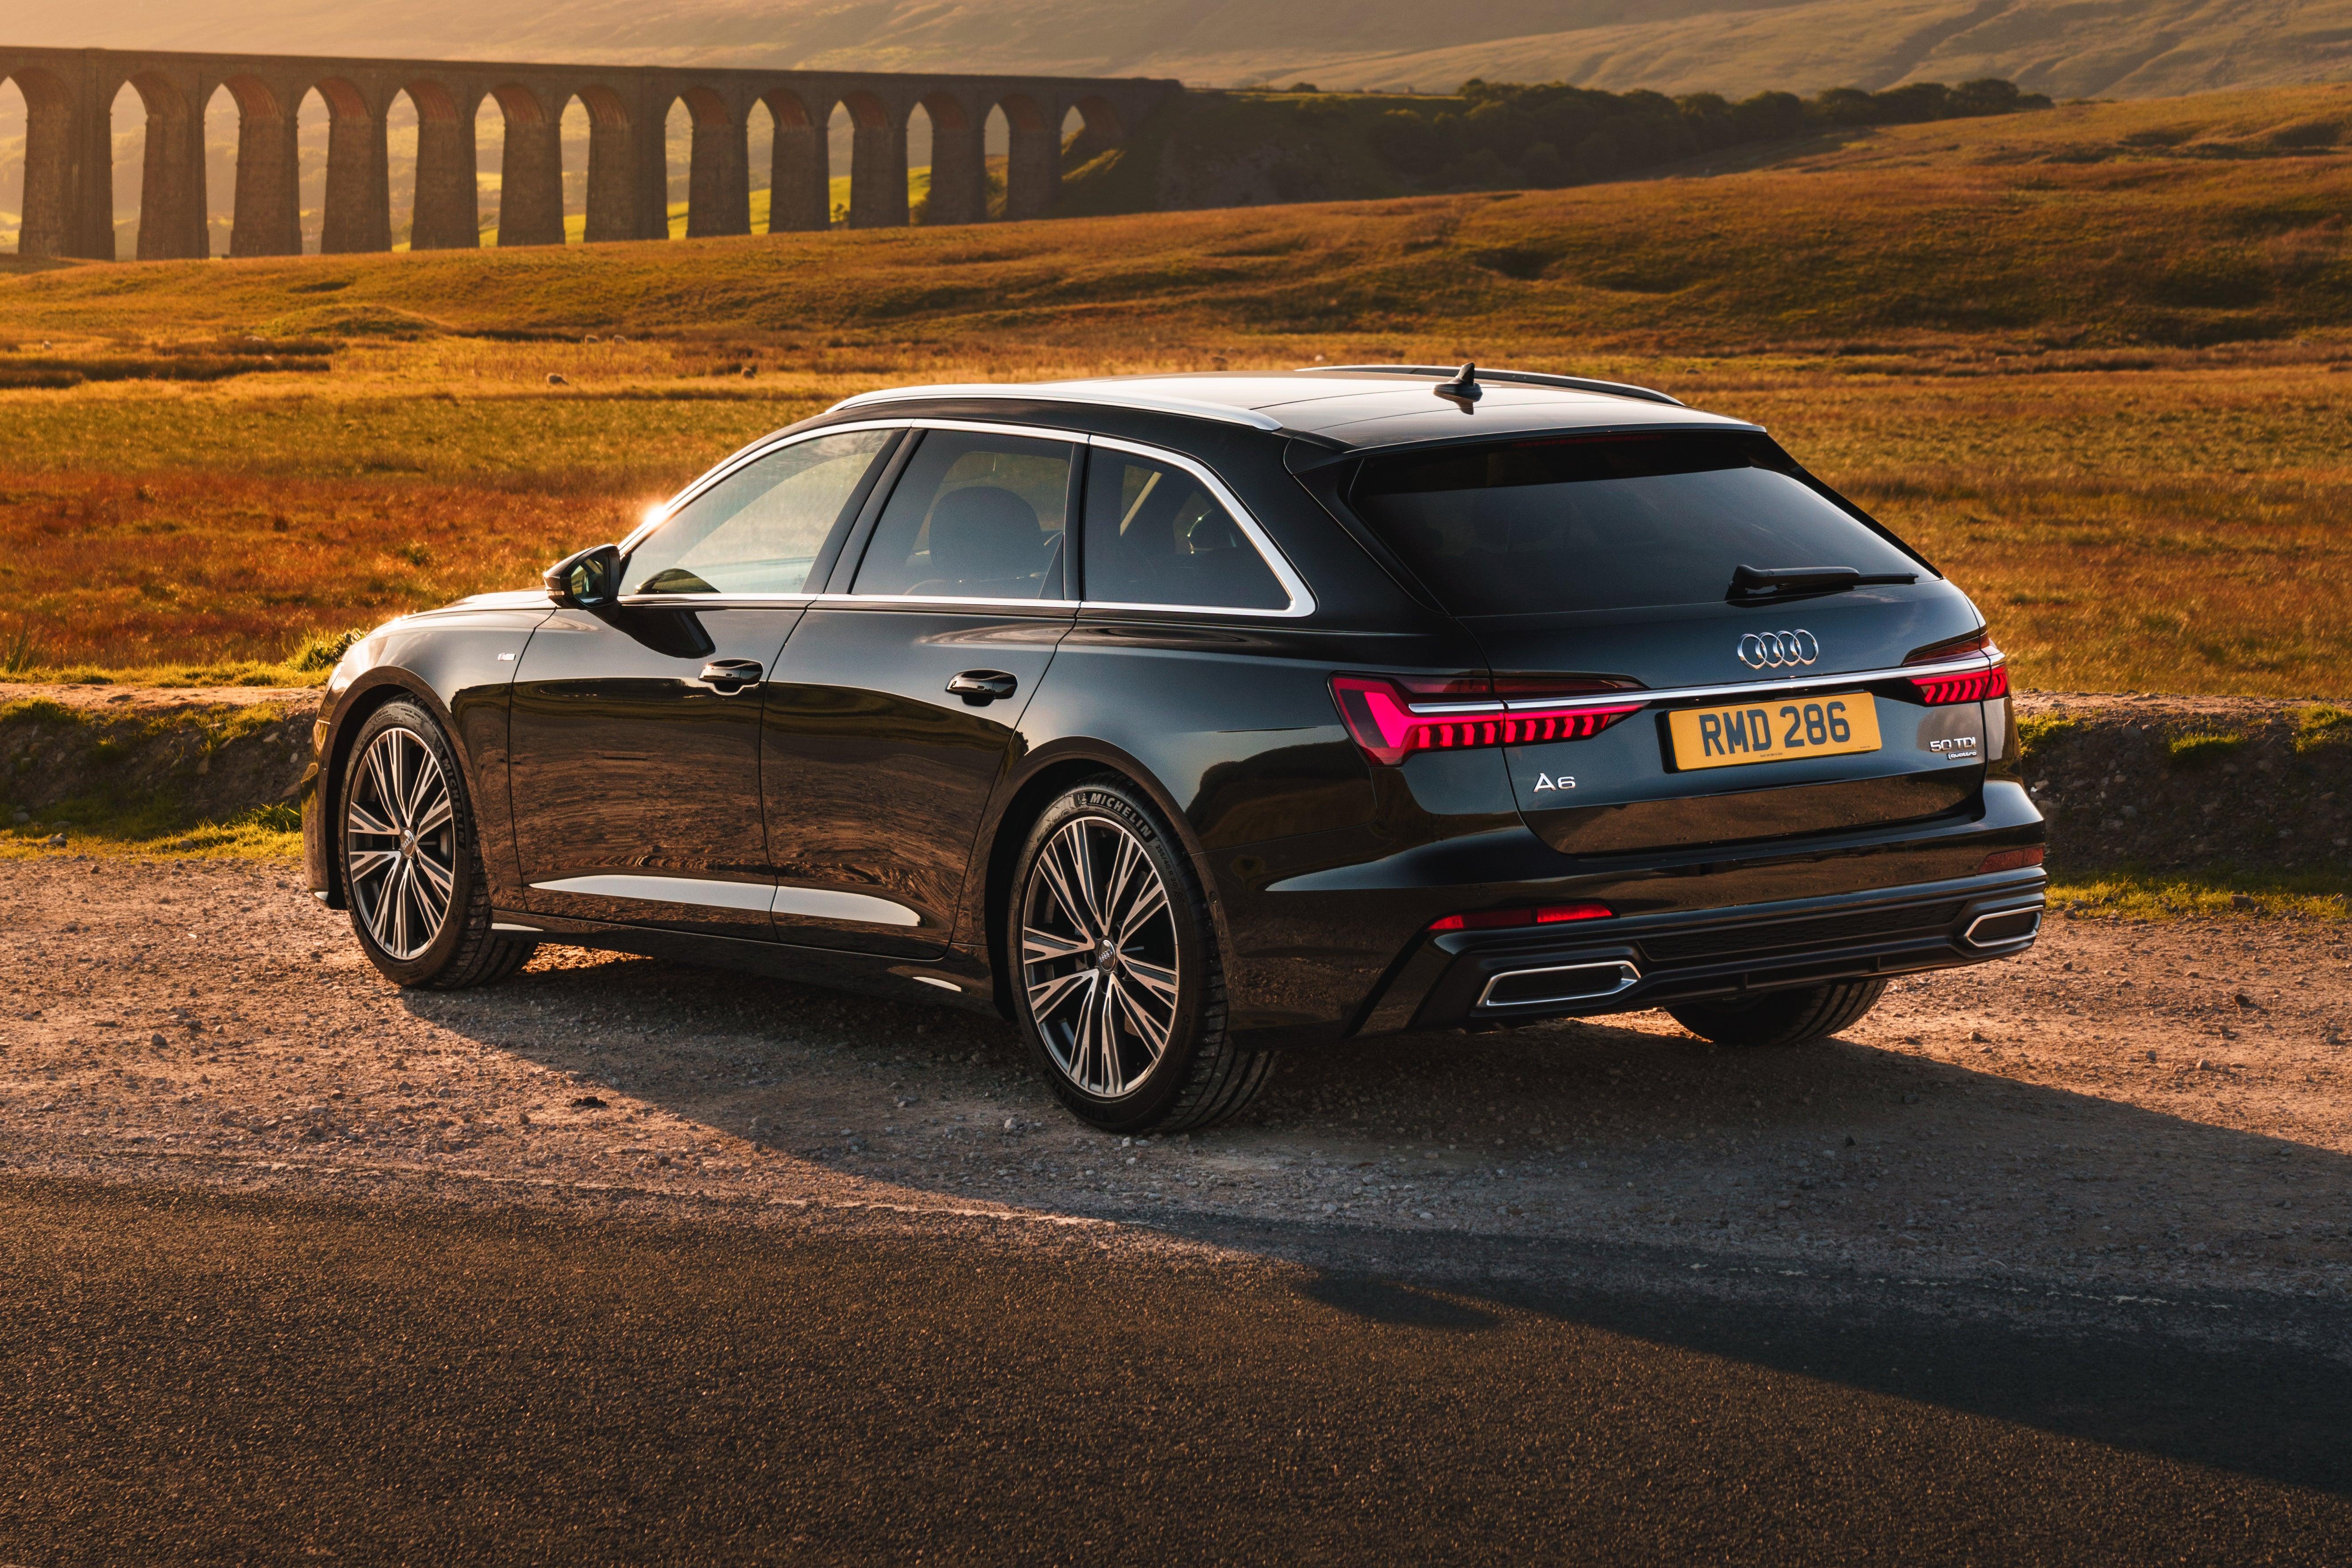 Kelebihan Kekurangan Audi A6 Avant Spesifikasi